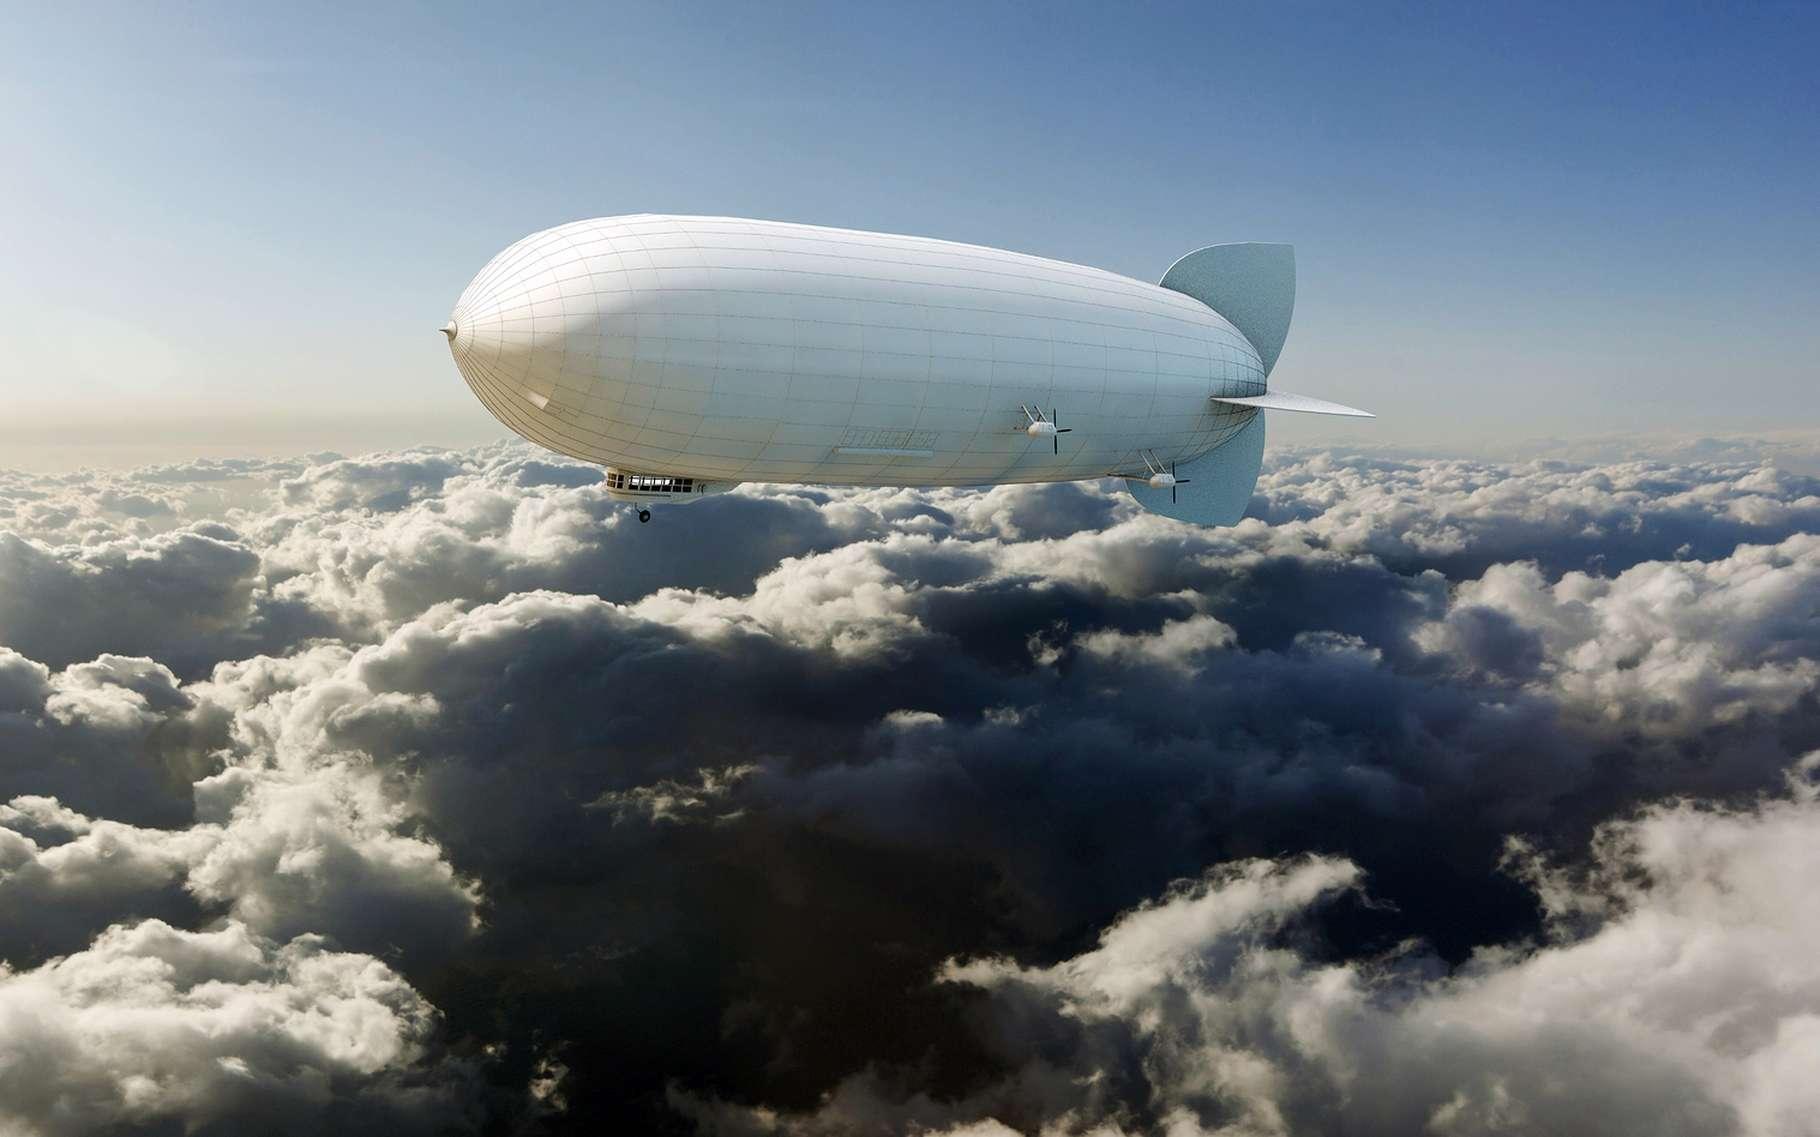 Les dirigeables sont plus légers que l'air, ils peuvent donc flotter dans les airs. © andrea crisante, Shutterstock